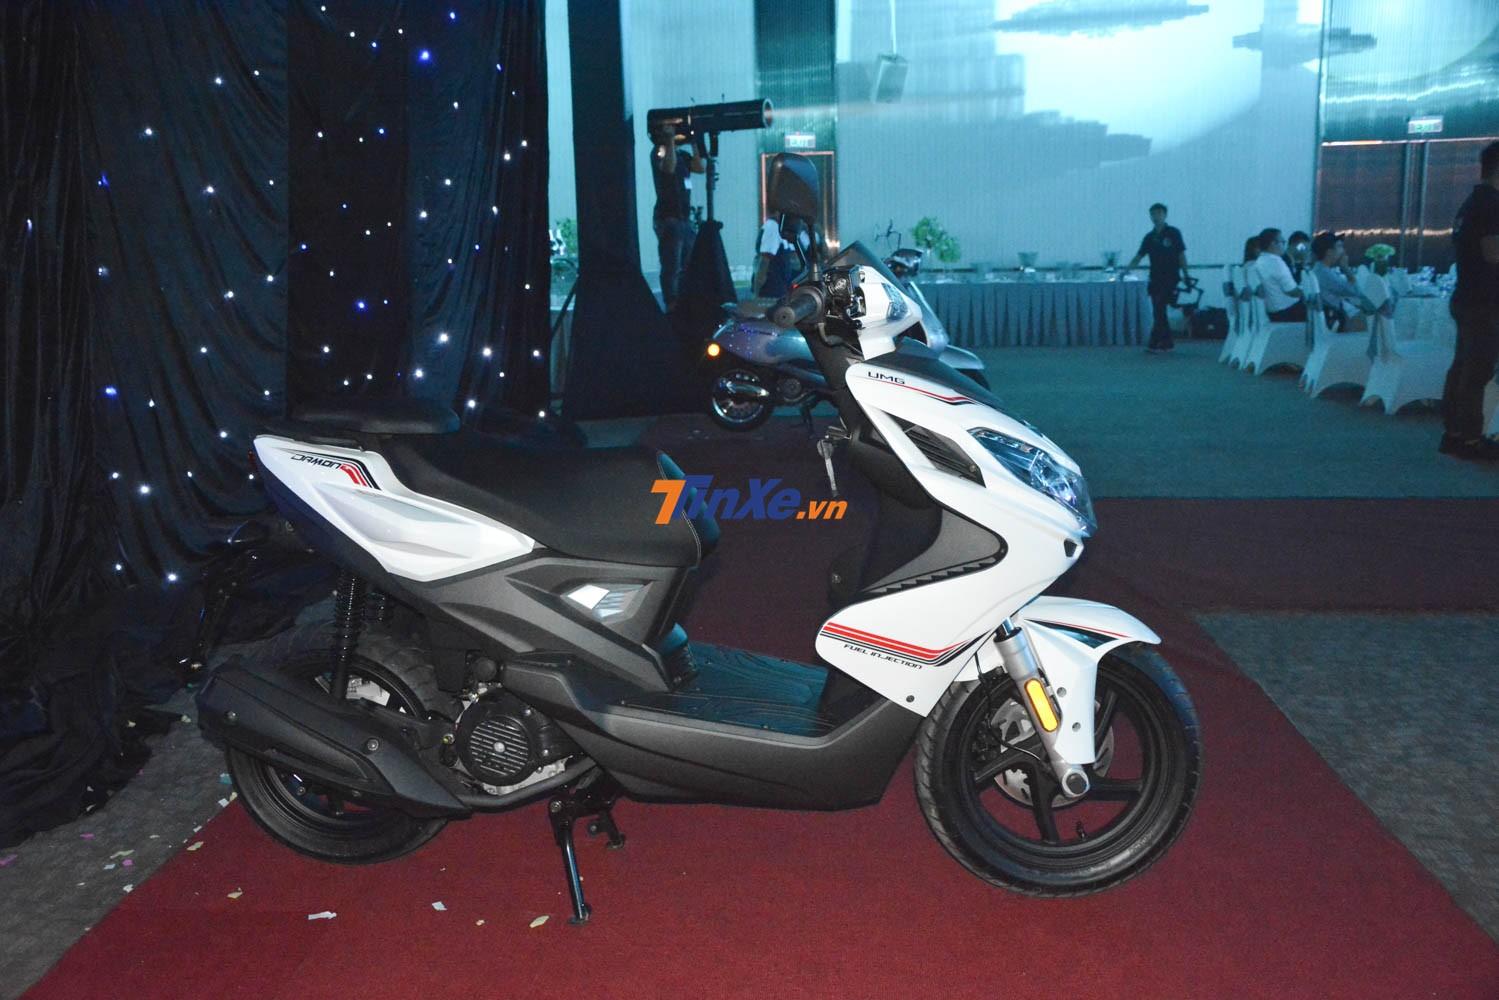 Còn so với Yamaha Acruzo, mẫu xe này có giá cao hơn 1,3 triệu đồng